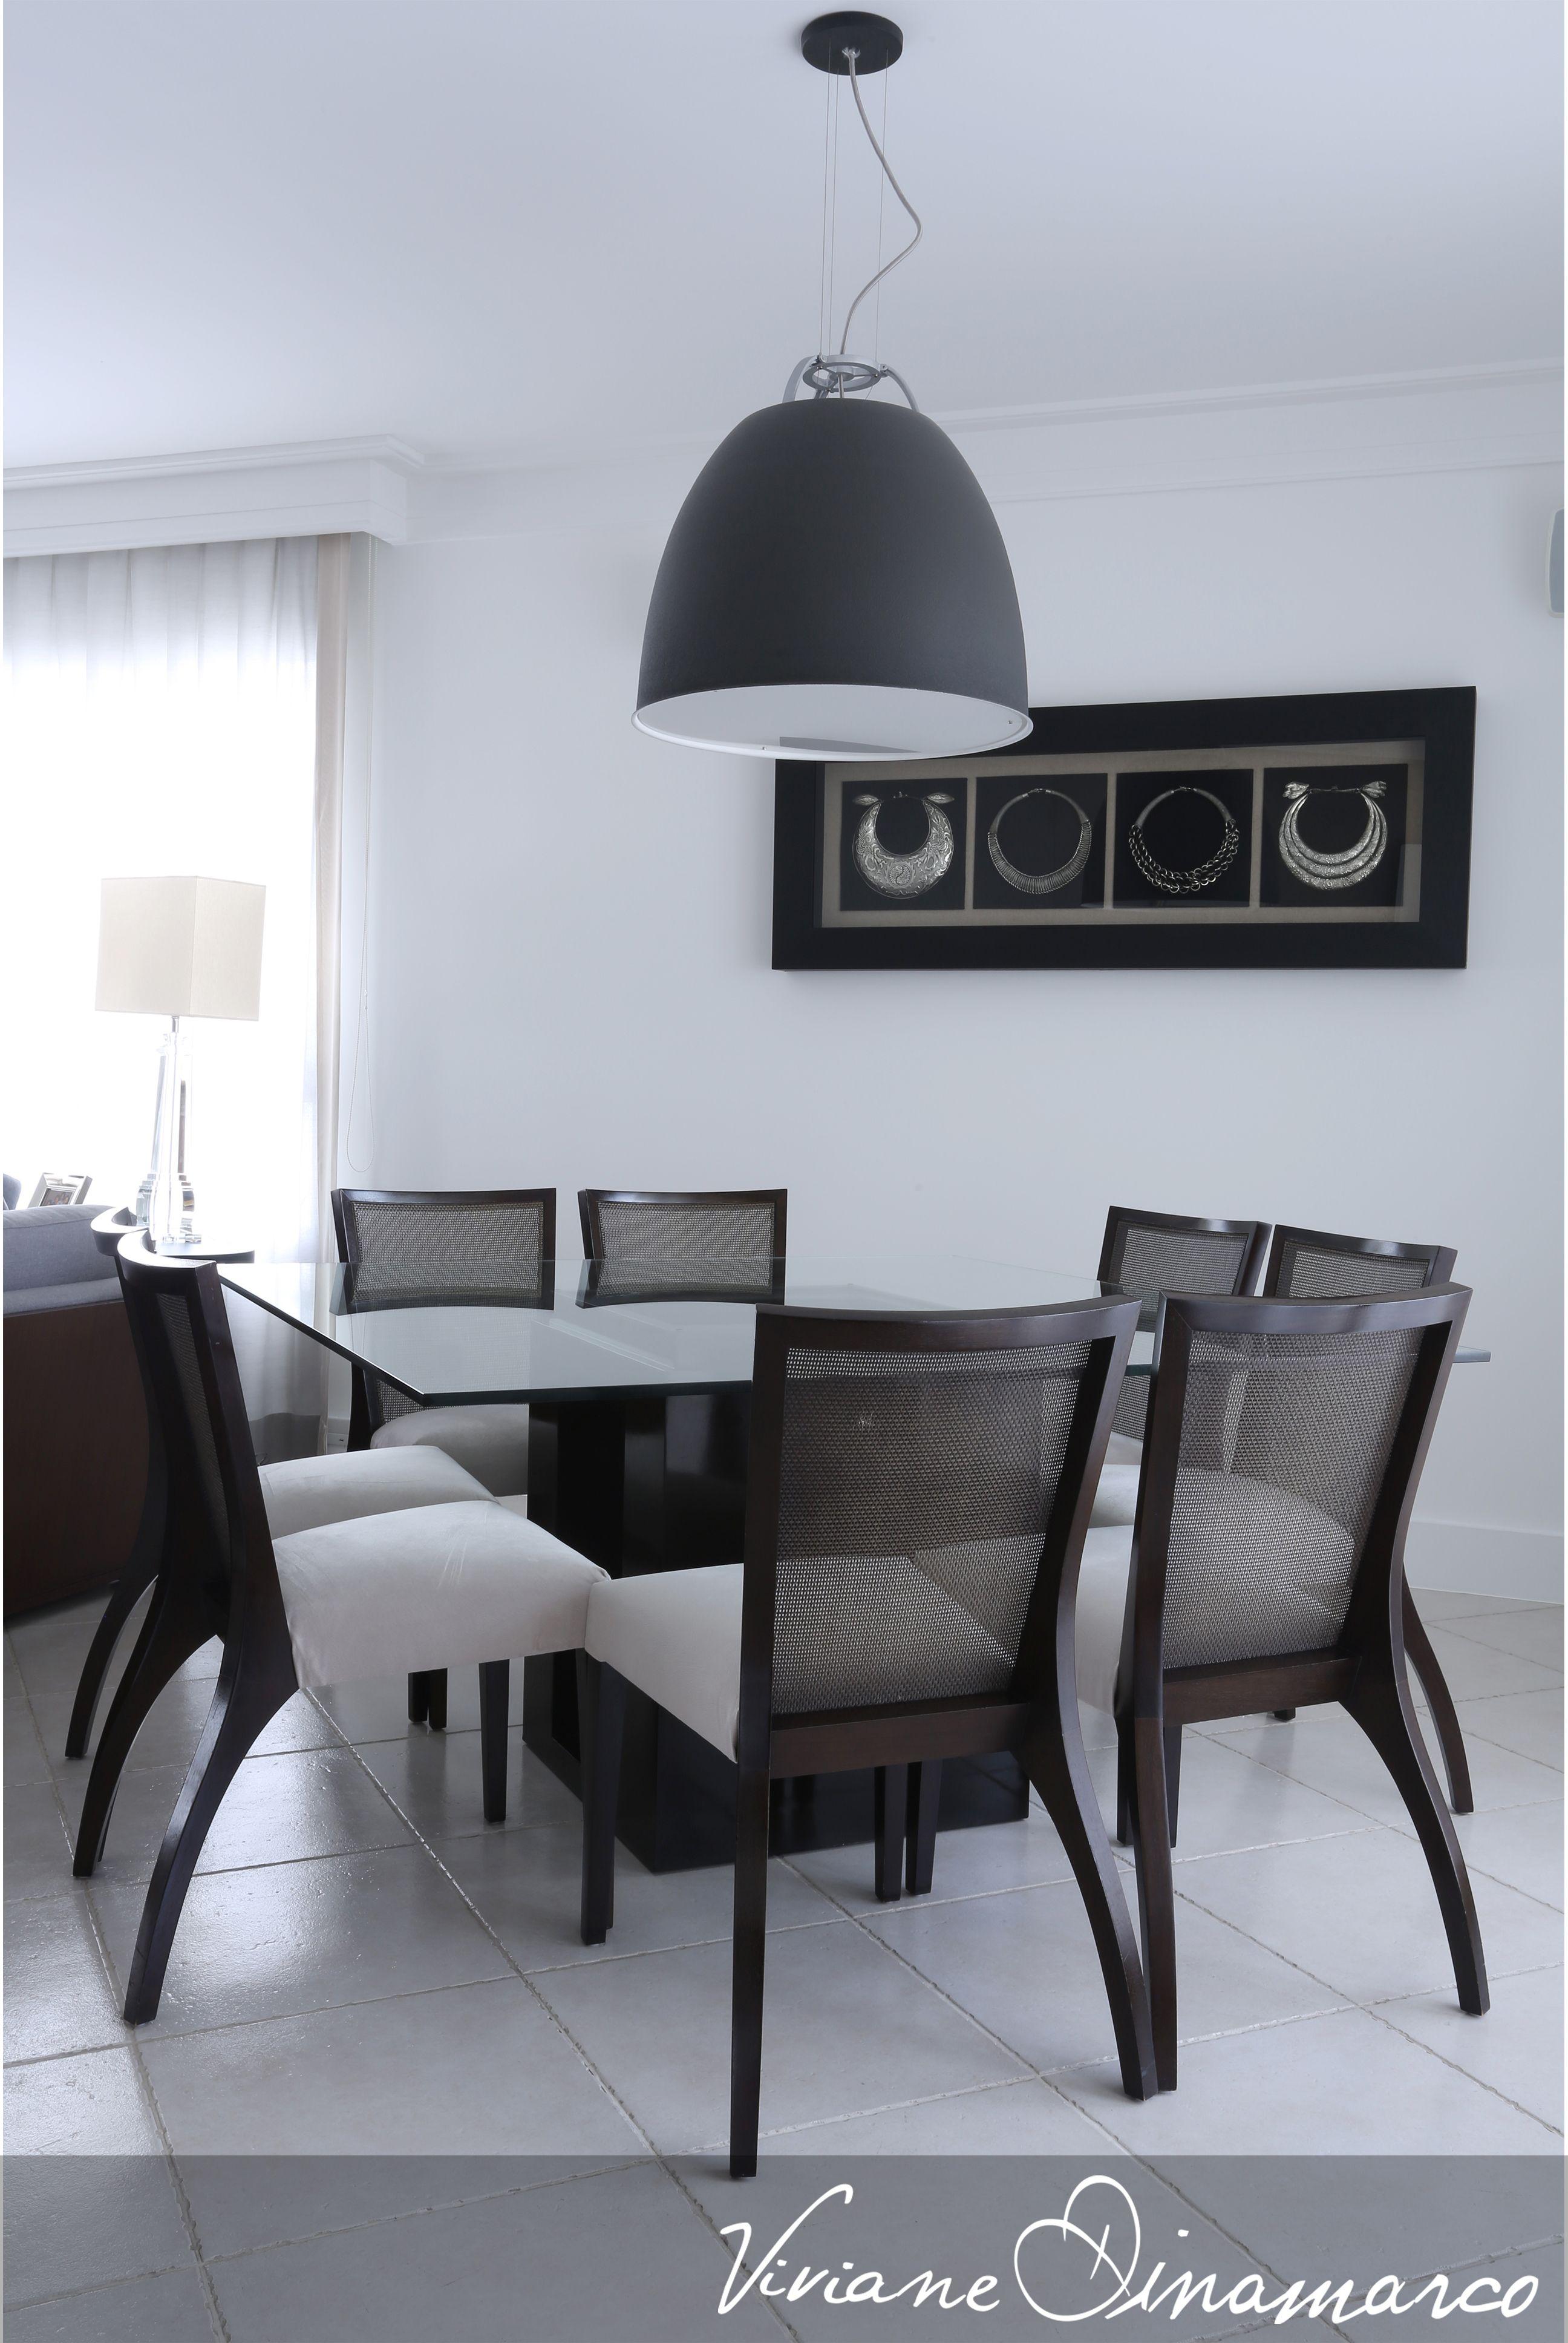 Projeto by Viviane Dinamarco Design de Interiores. #homedecor #decoração #designers #design #designdeinteriores #vivianedinamarco